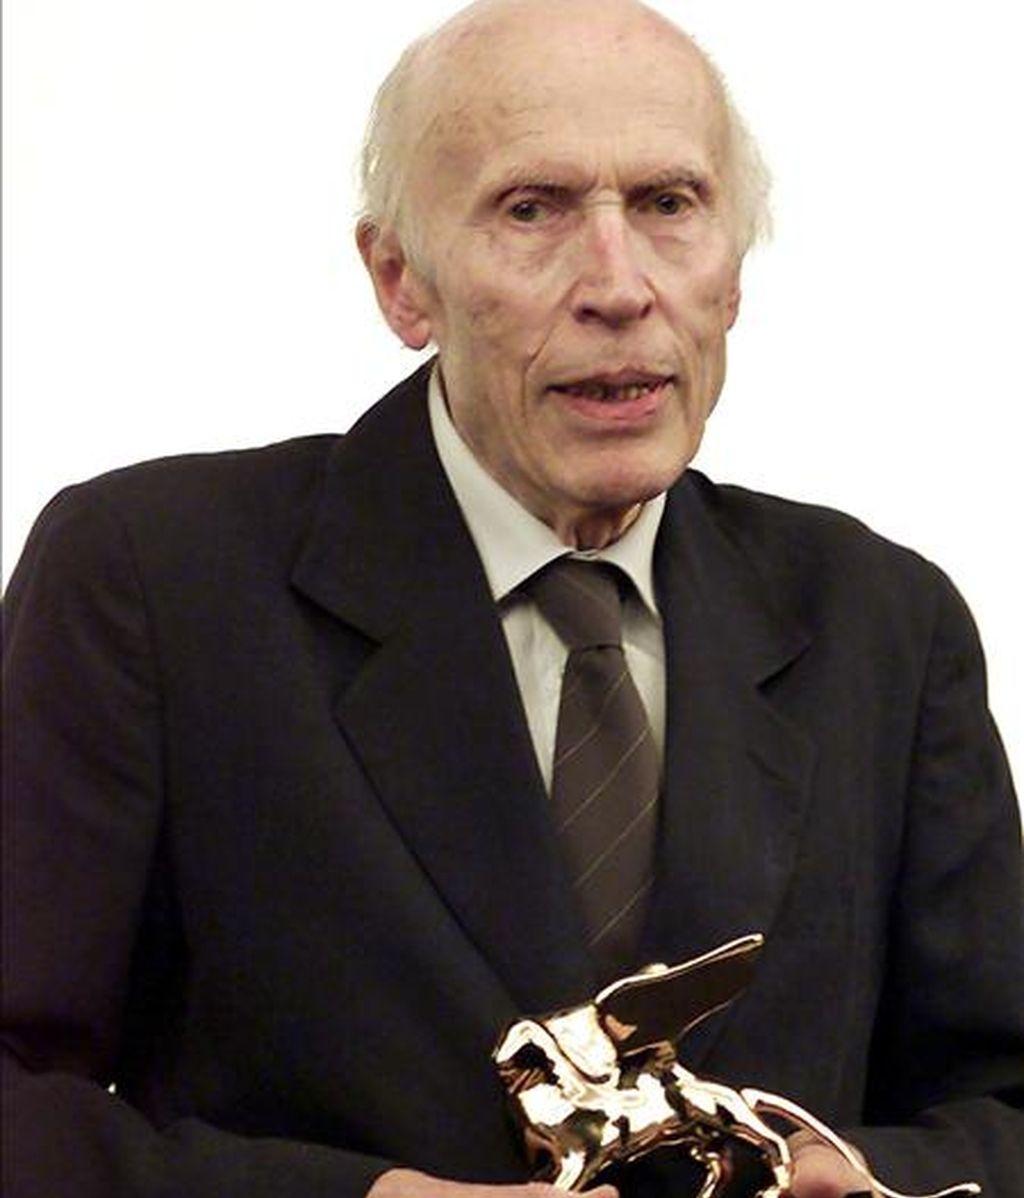 El director de cine francés Eric Rohmer. EFE/Archivo